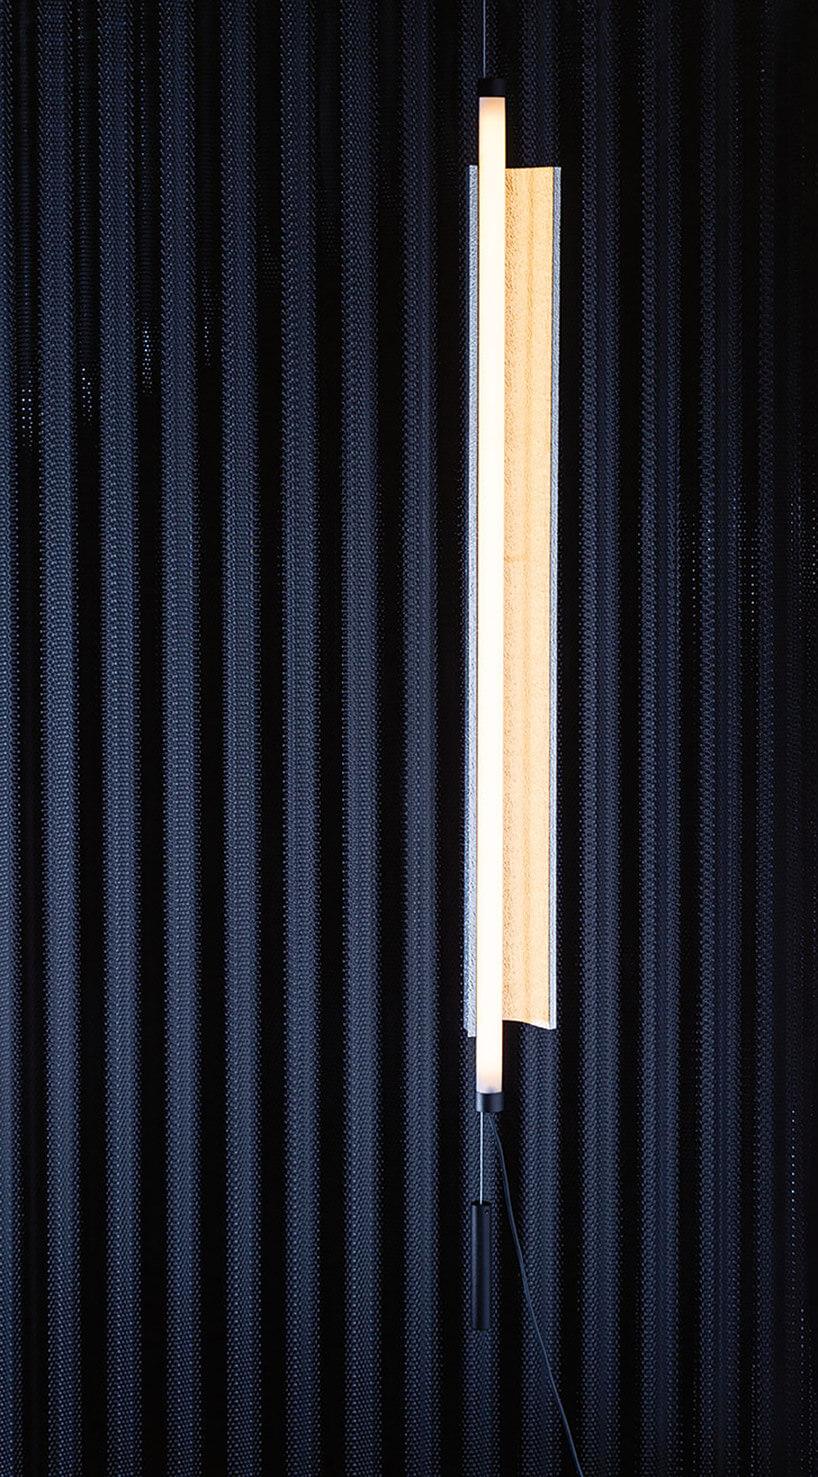 podłużna lampa na tle niebieskiej perforowanej ścinie